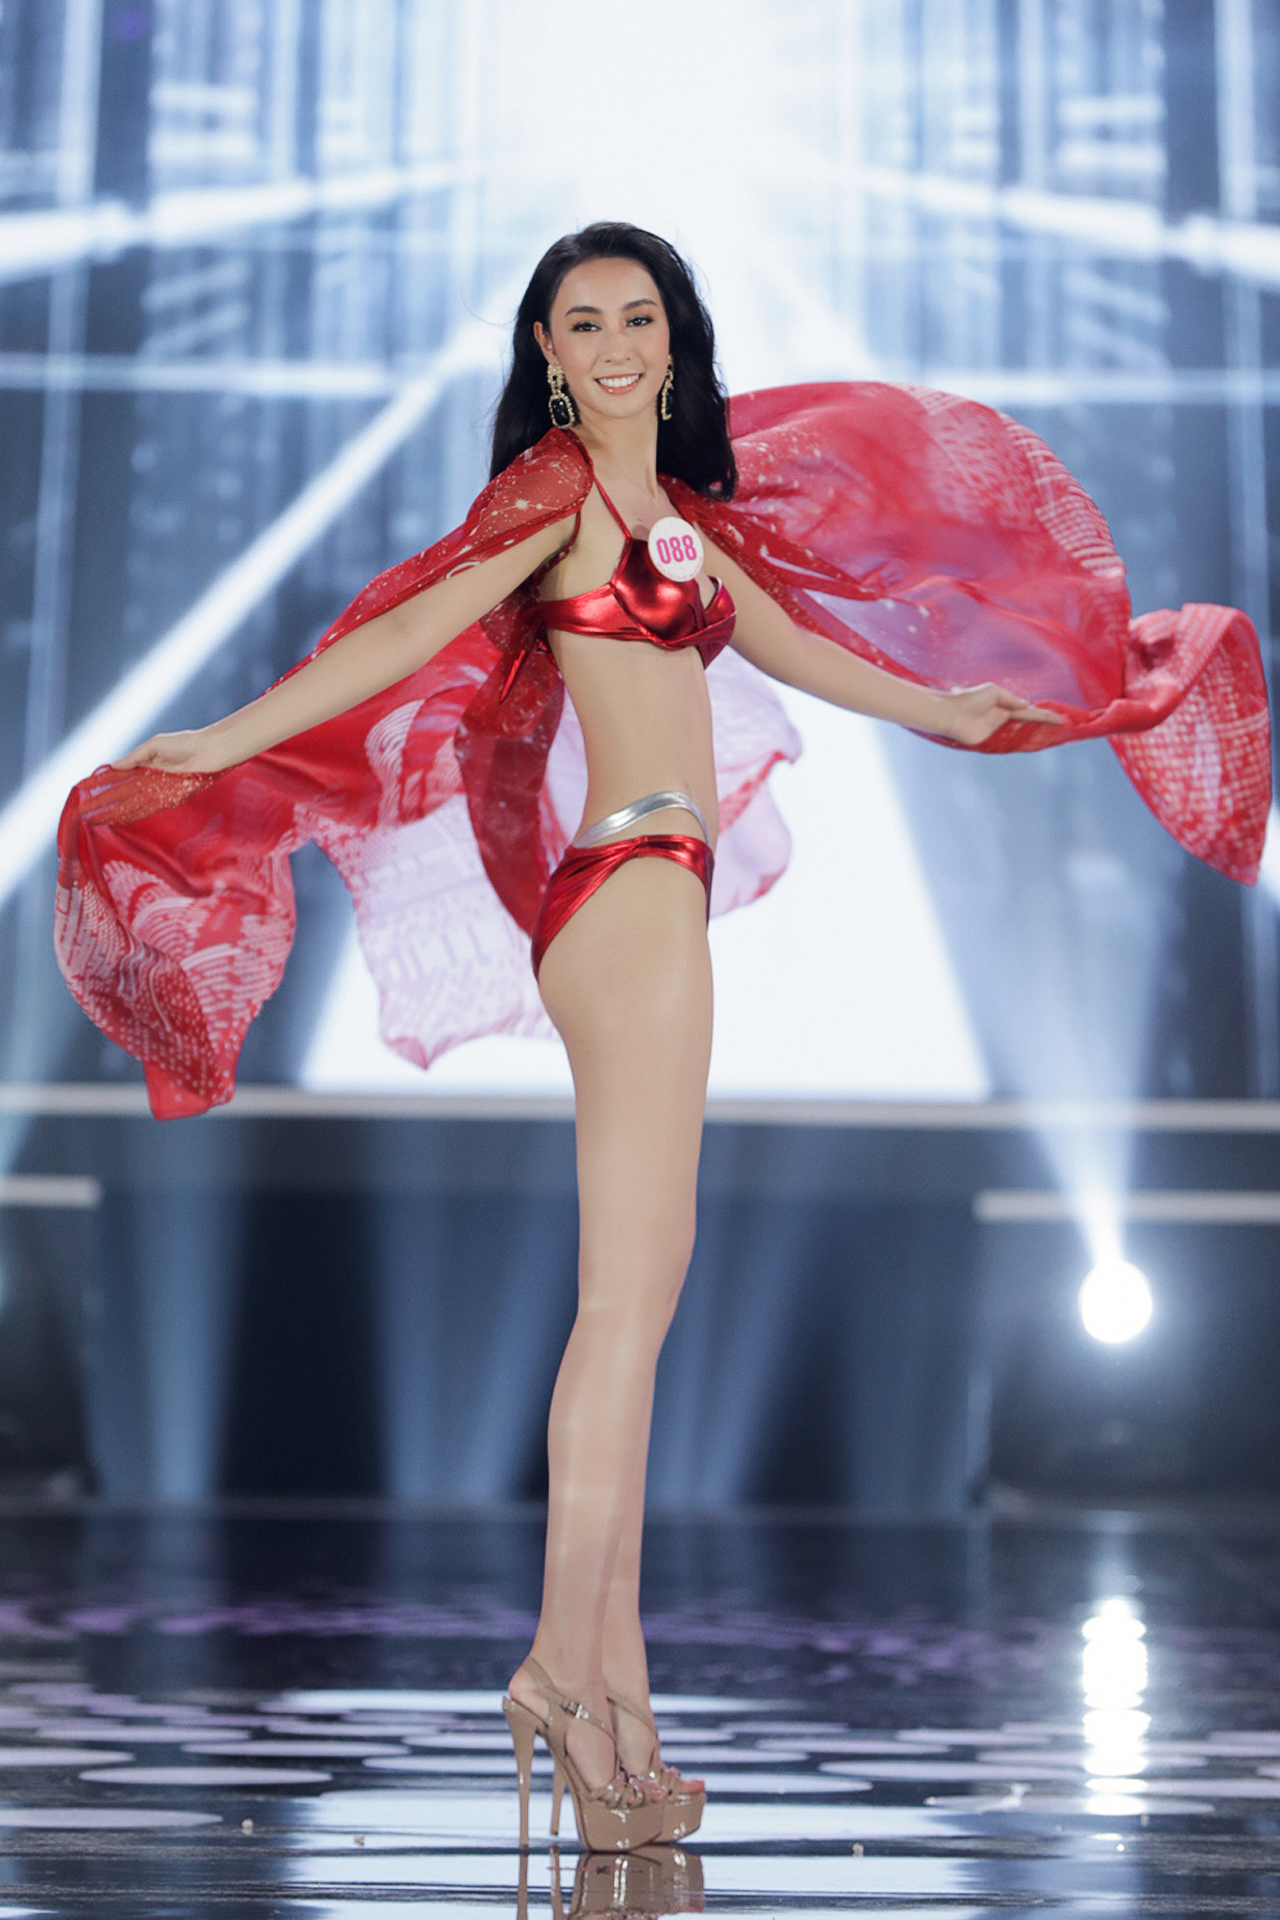 Bóc loạt áo tắm bị chê tả tơi vì xấu tại các cuộc thi Hoa hậu ở Việt Nam, có bộ còn khiến thí sinh lộ hàng ngay tại chỗ - Ảnh 2.